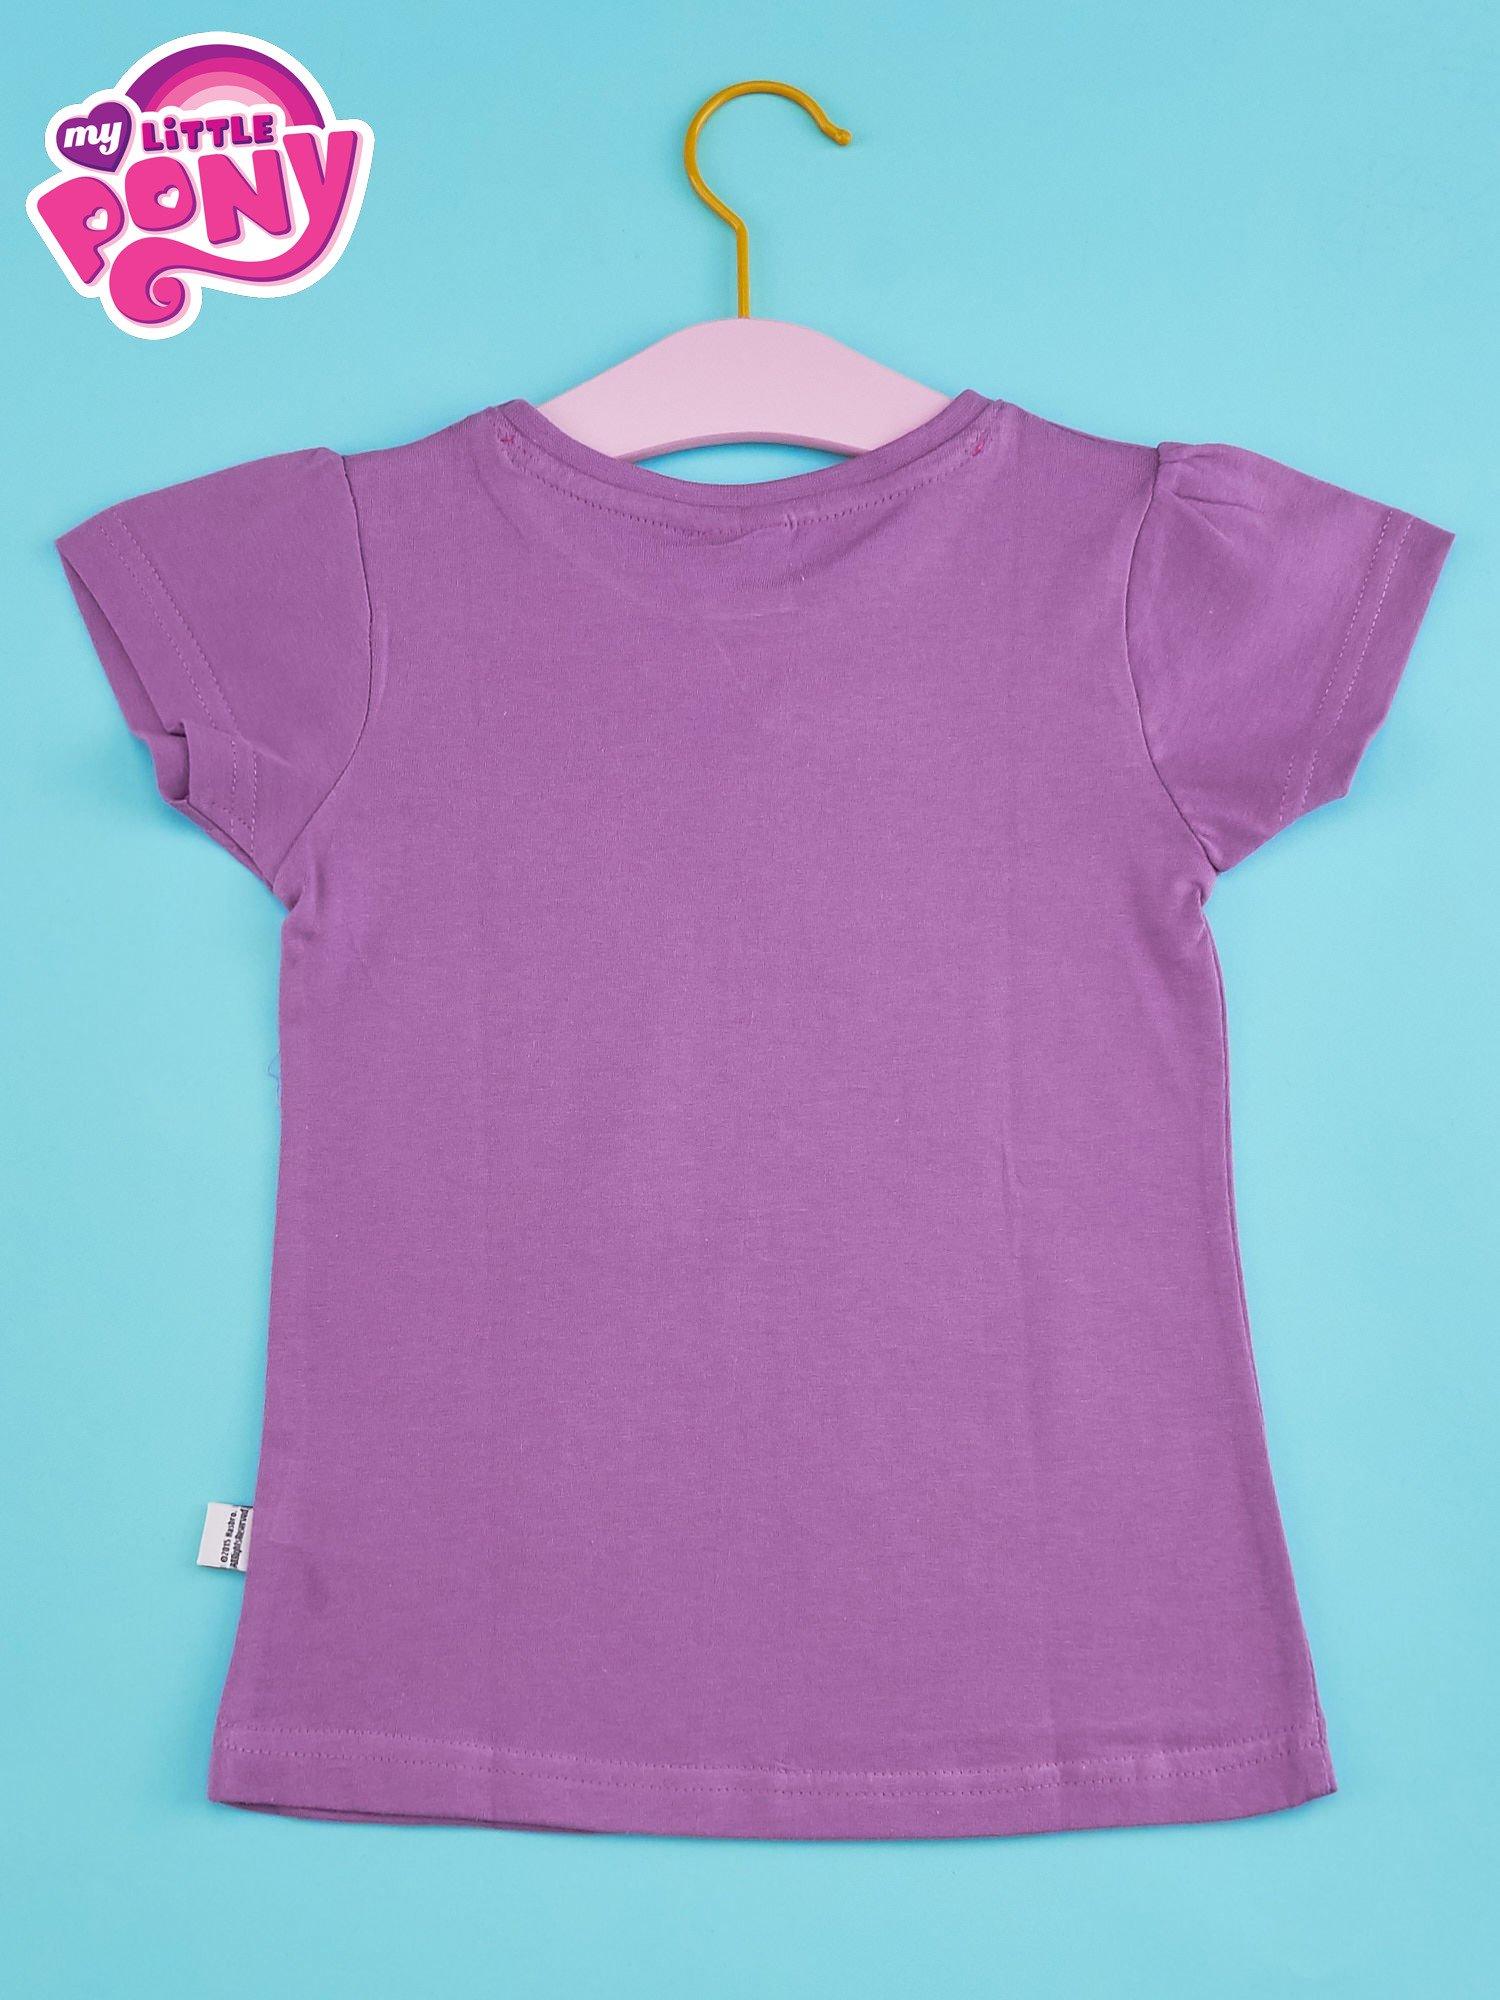 Fioletowy t-shirt dla dziewczynki MY LITTLE PONY                                  zdj.                                  2